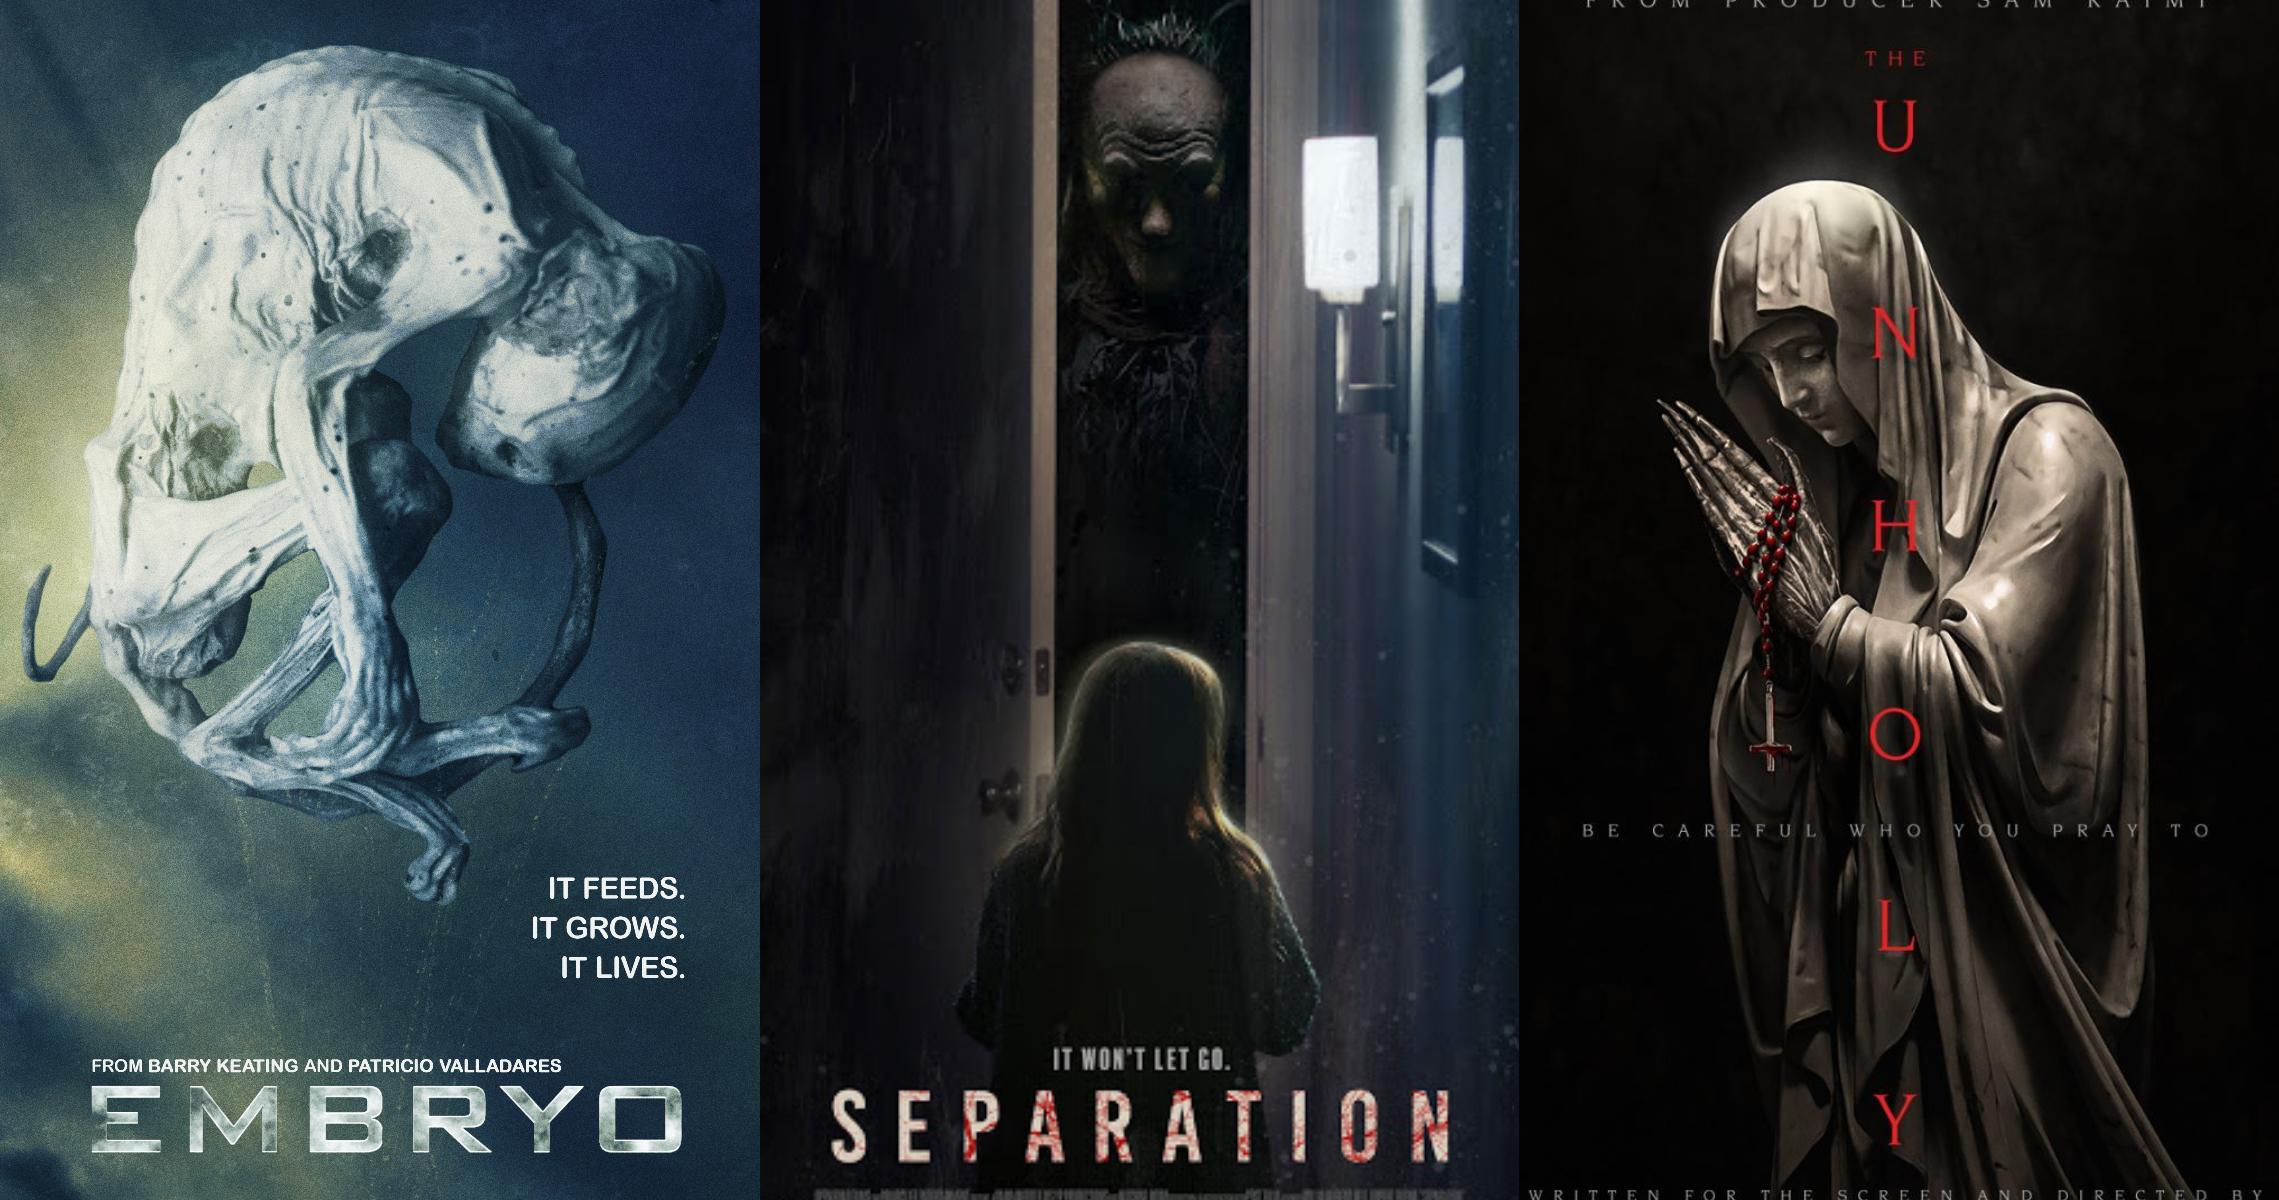 Las 10 películas de terror más esperadas del mes (tráiler)